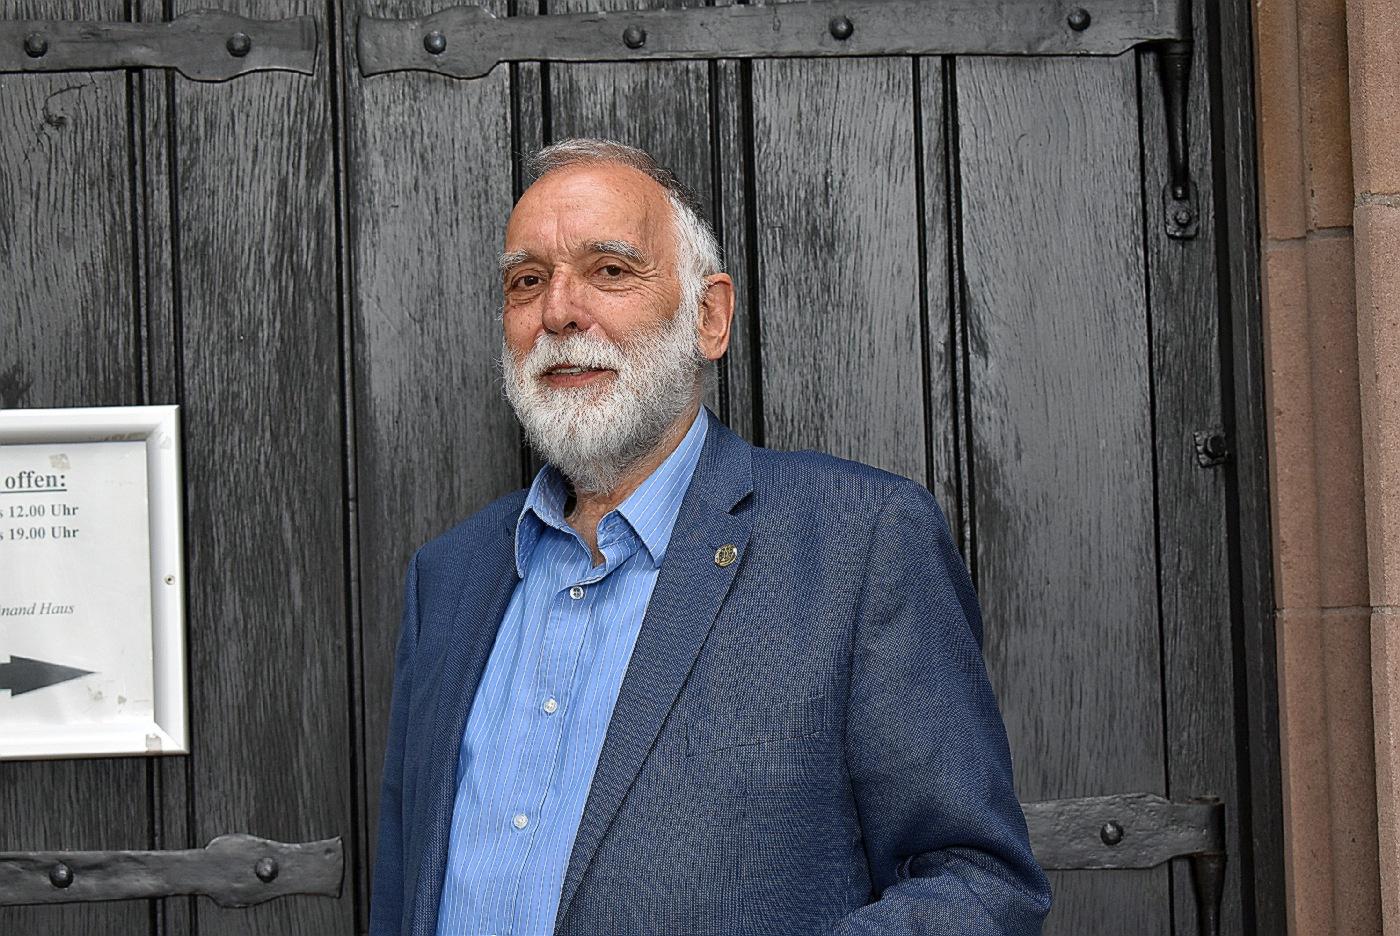 Pfarrer i.R. Max Krumbach aus Zweibrücken referierte im Männerkreis (Foto: U. Schmidt)